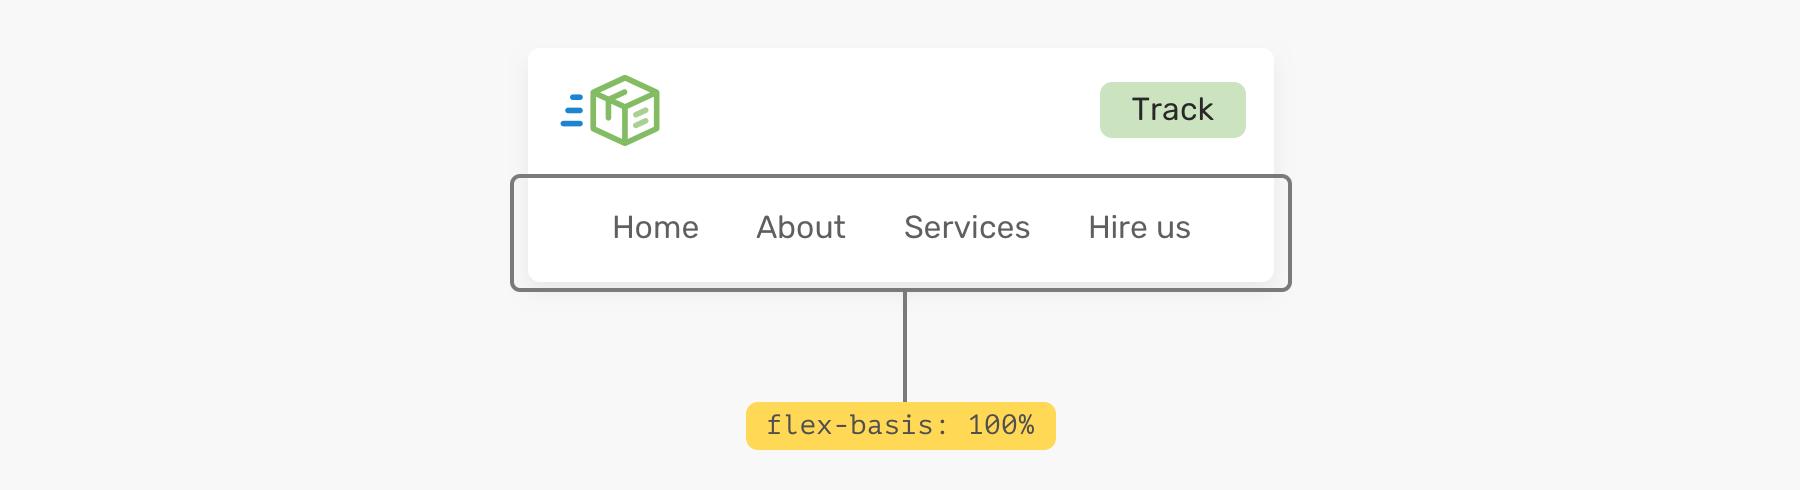 Создание заголовков веб-сайтов с помощью CSS Flexbox